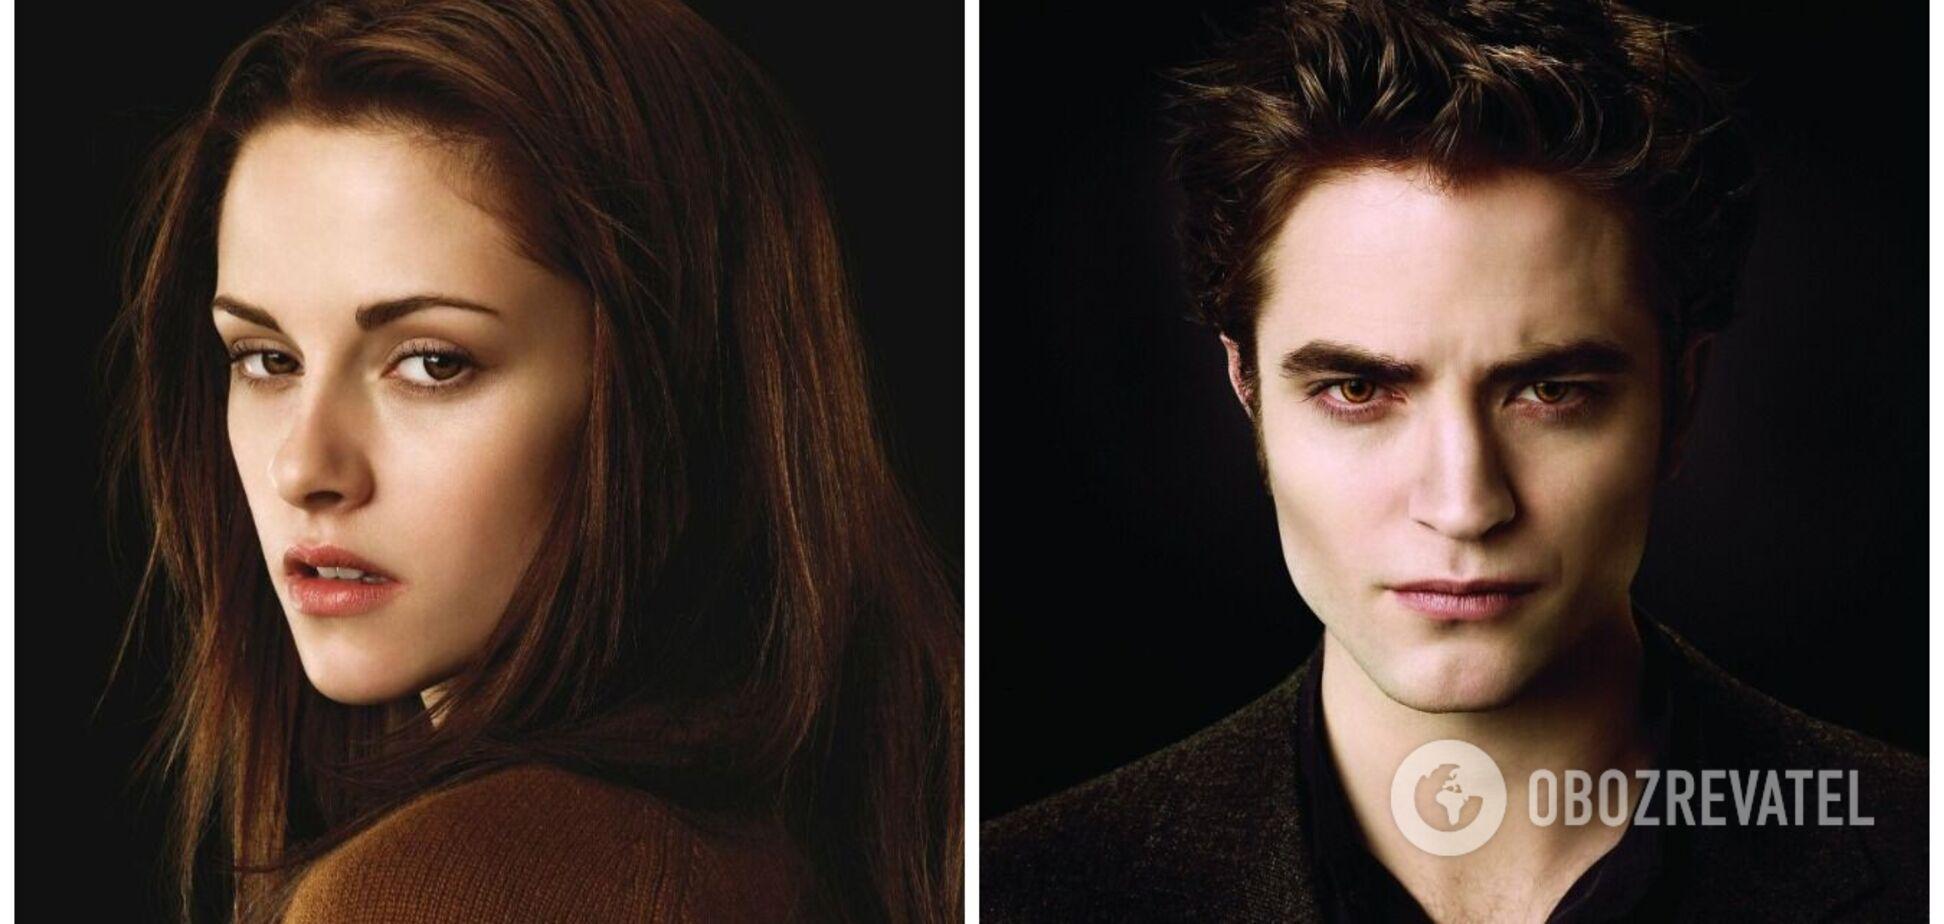 Как изменились актеры 'Сумерек' за 13 лет. Фото